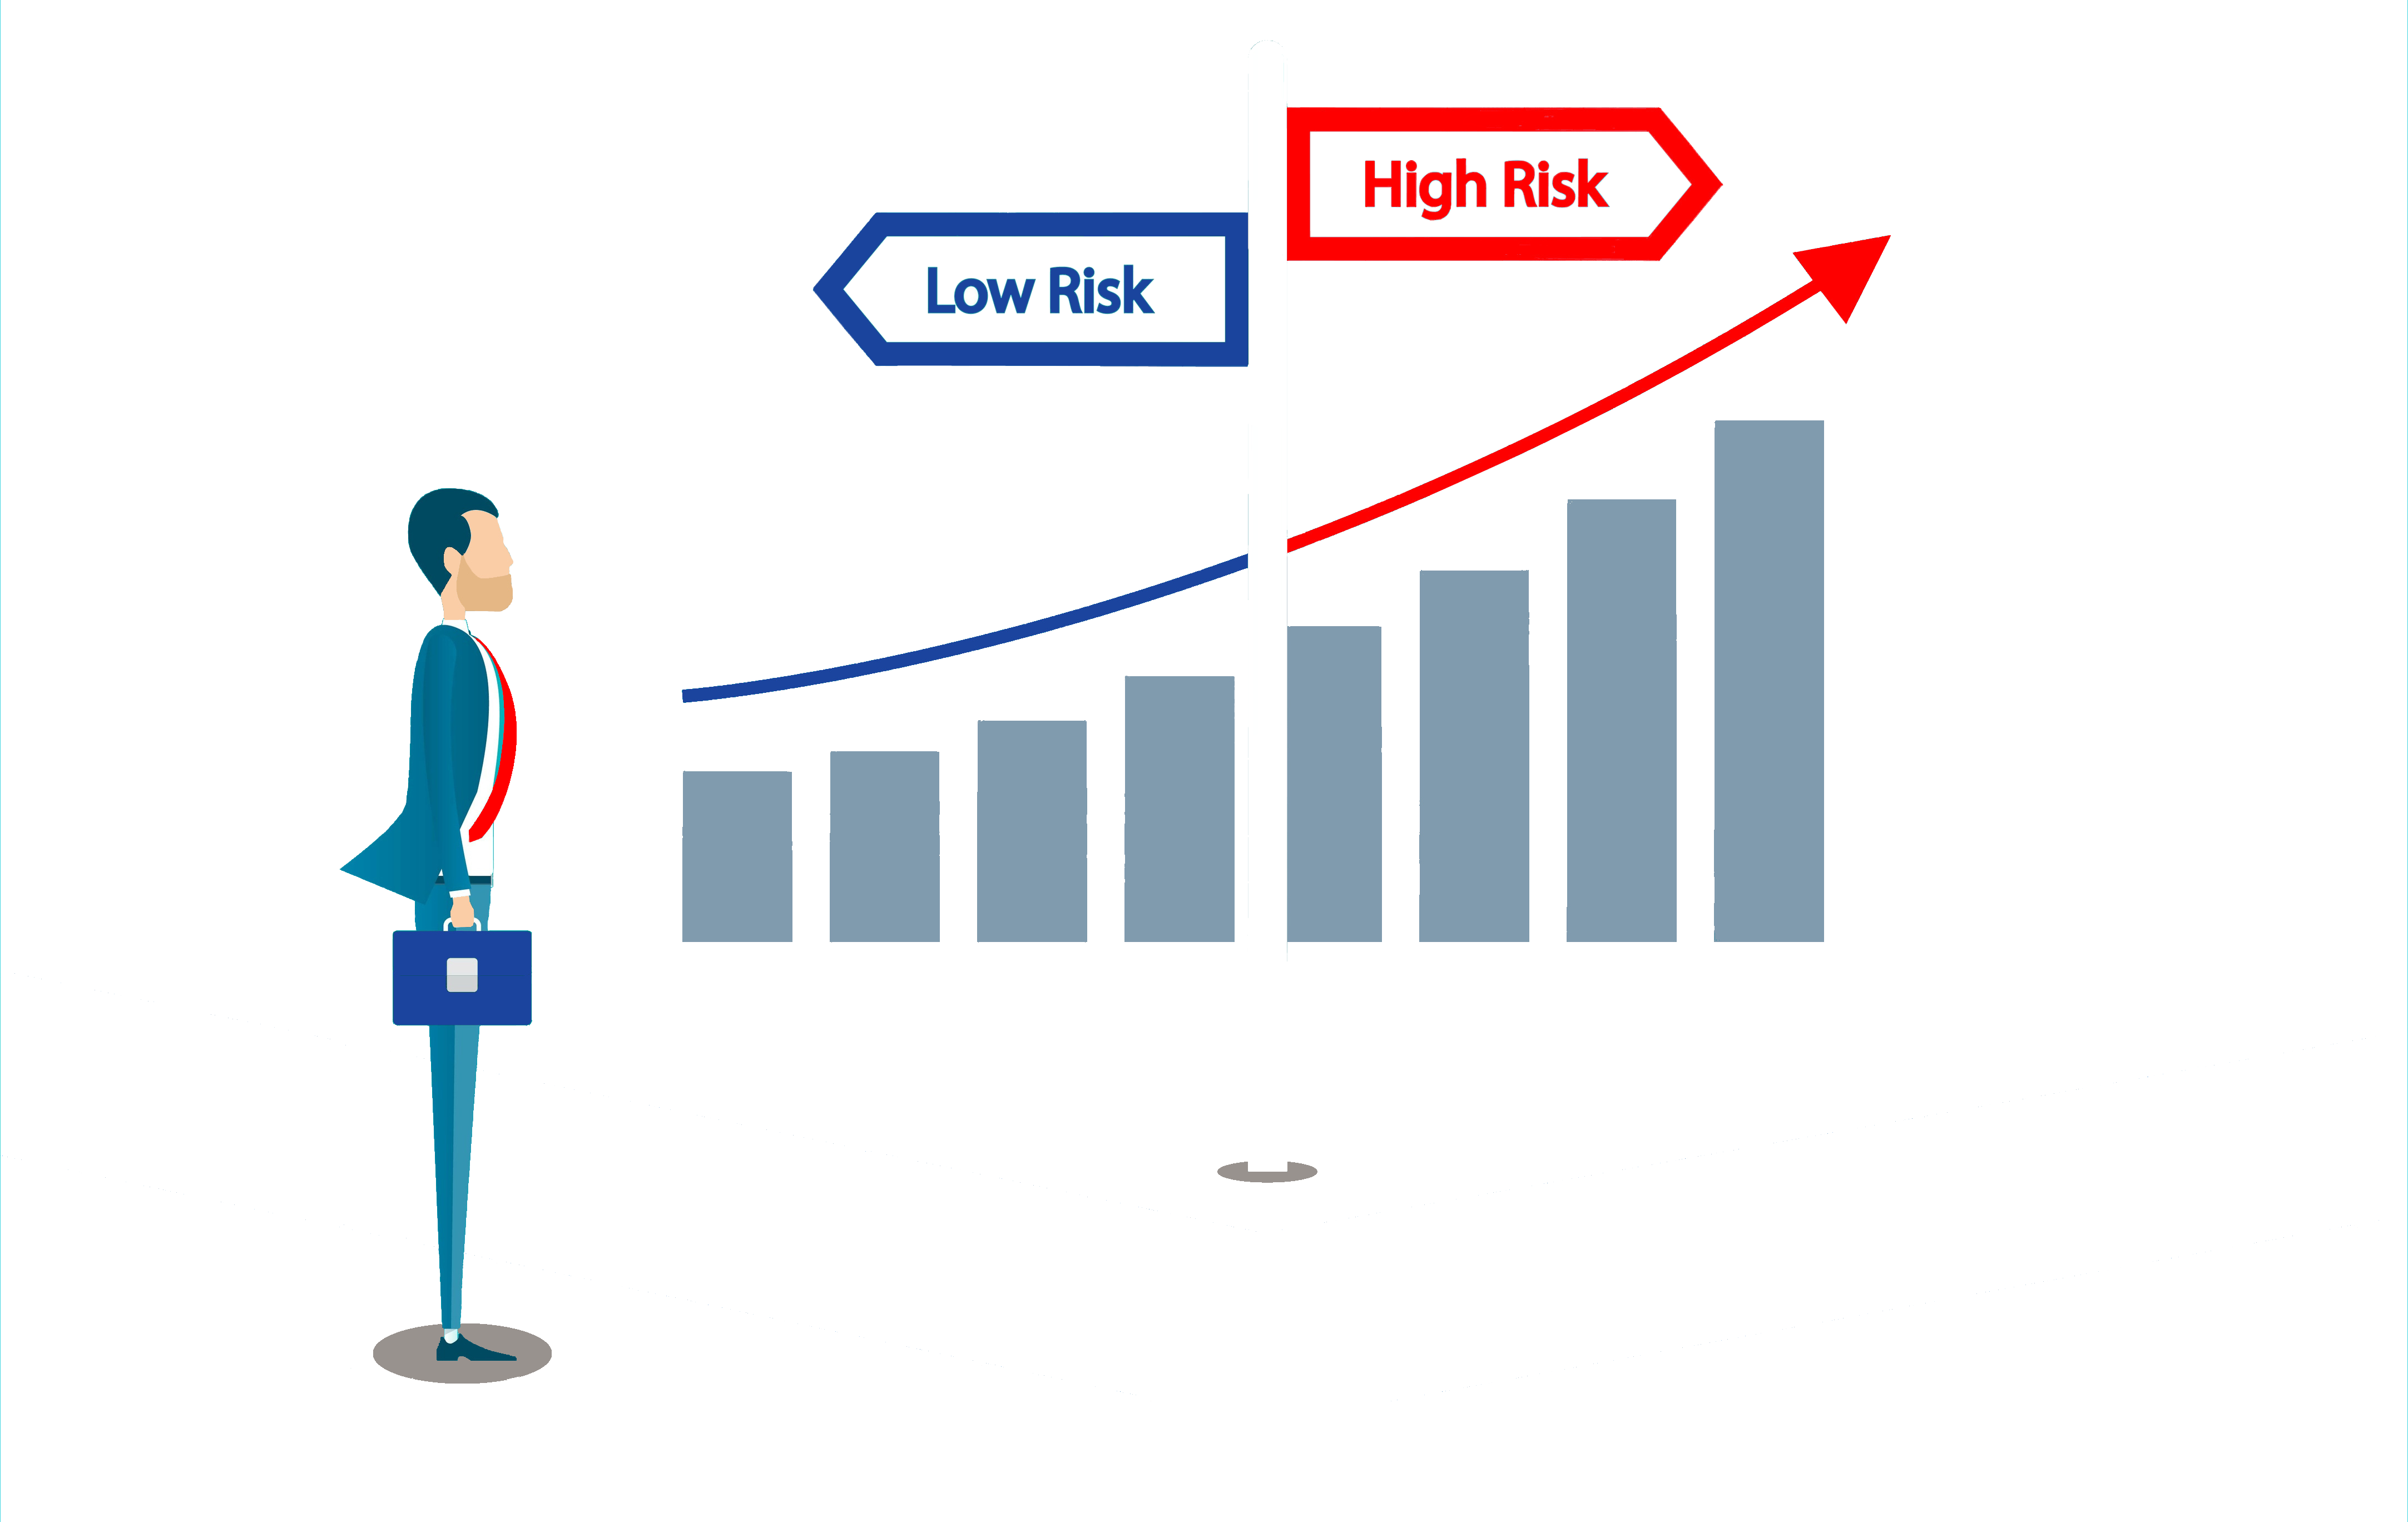 Uomo con valigetta a un bivio con sullo sfondo un diagramma e un cartello che indica high risk e low risk